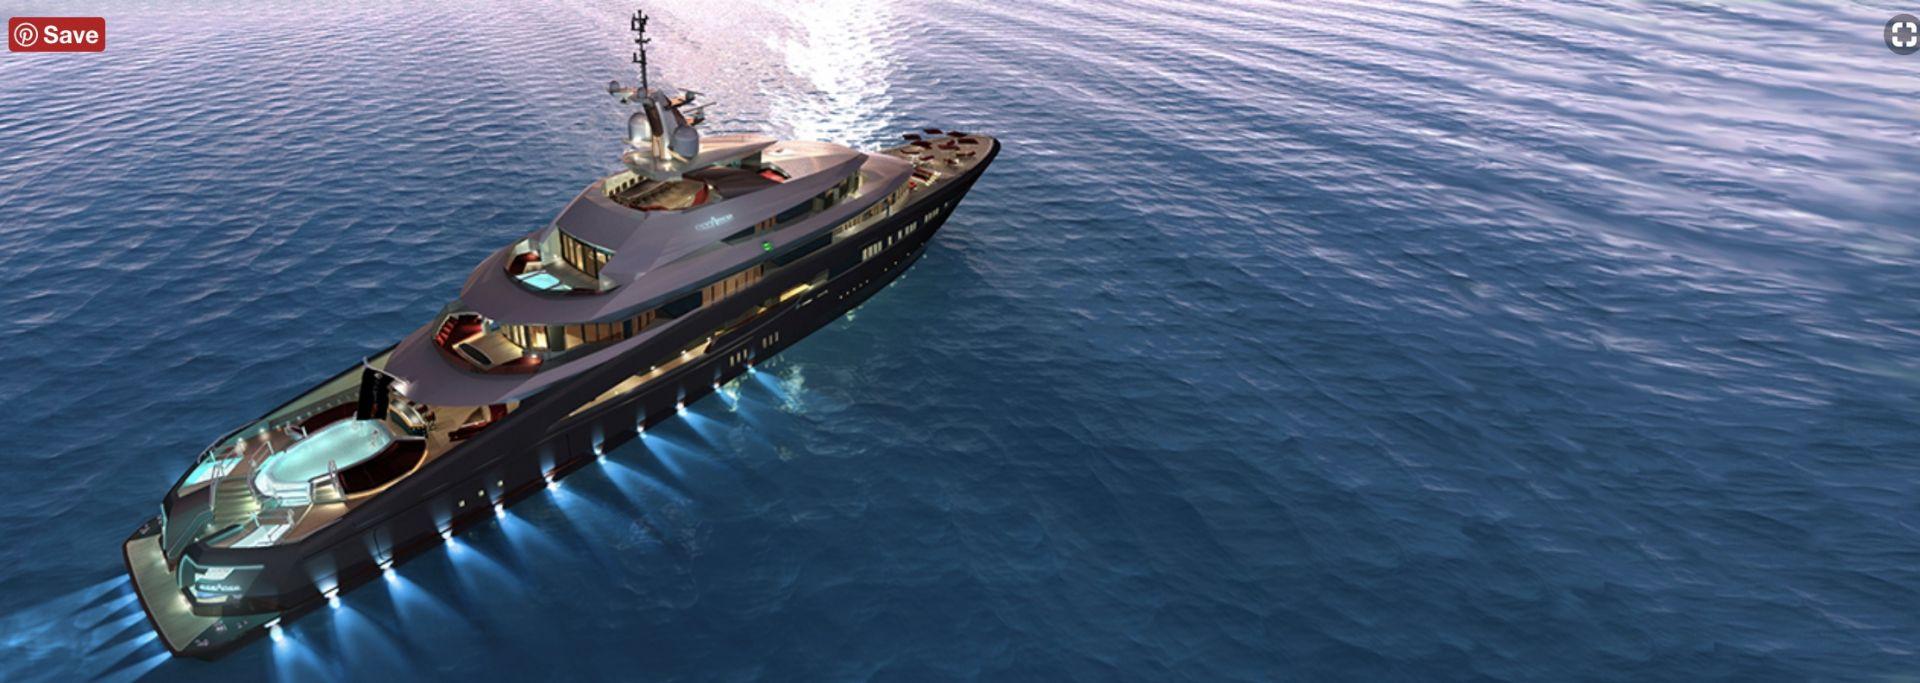 Oceanco  85.7 meter